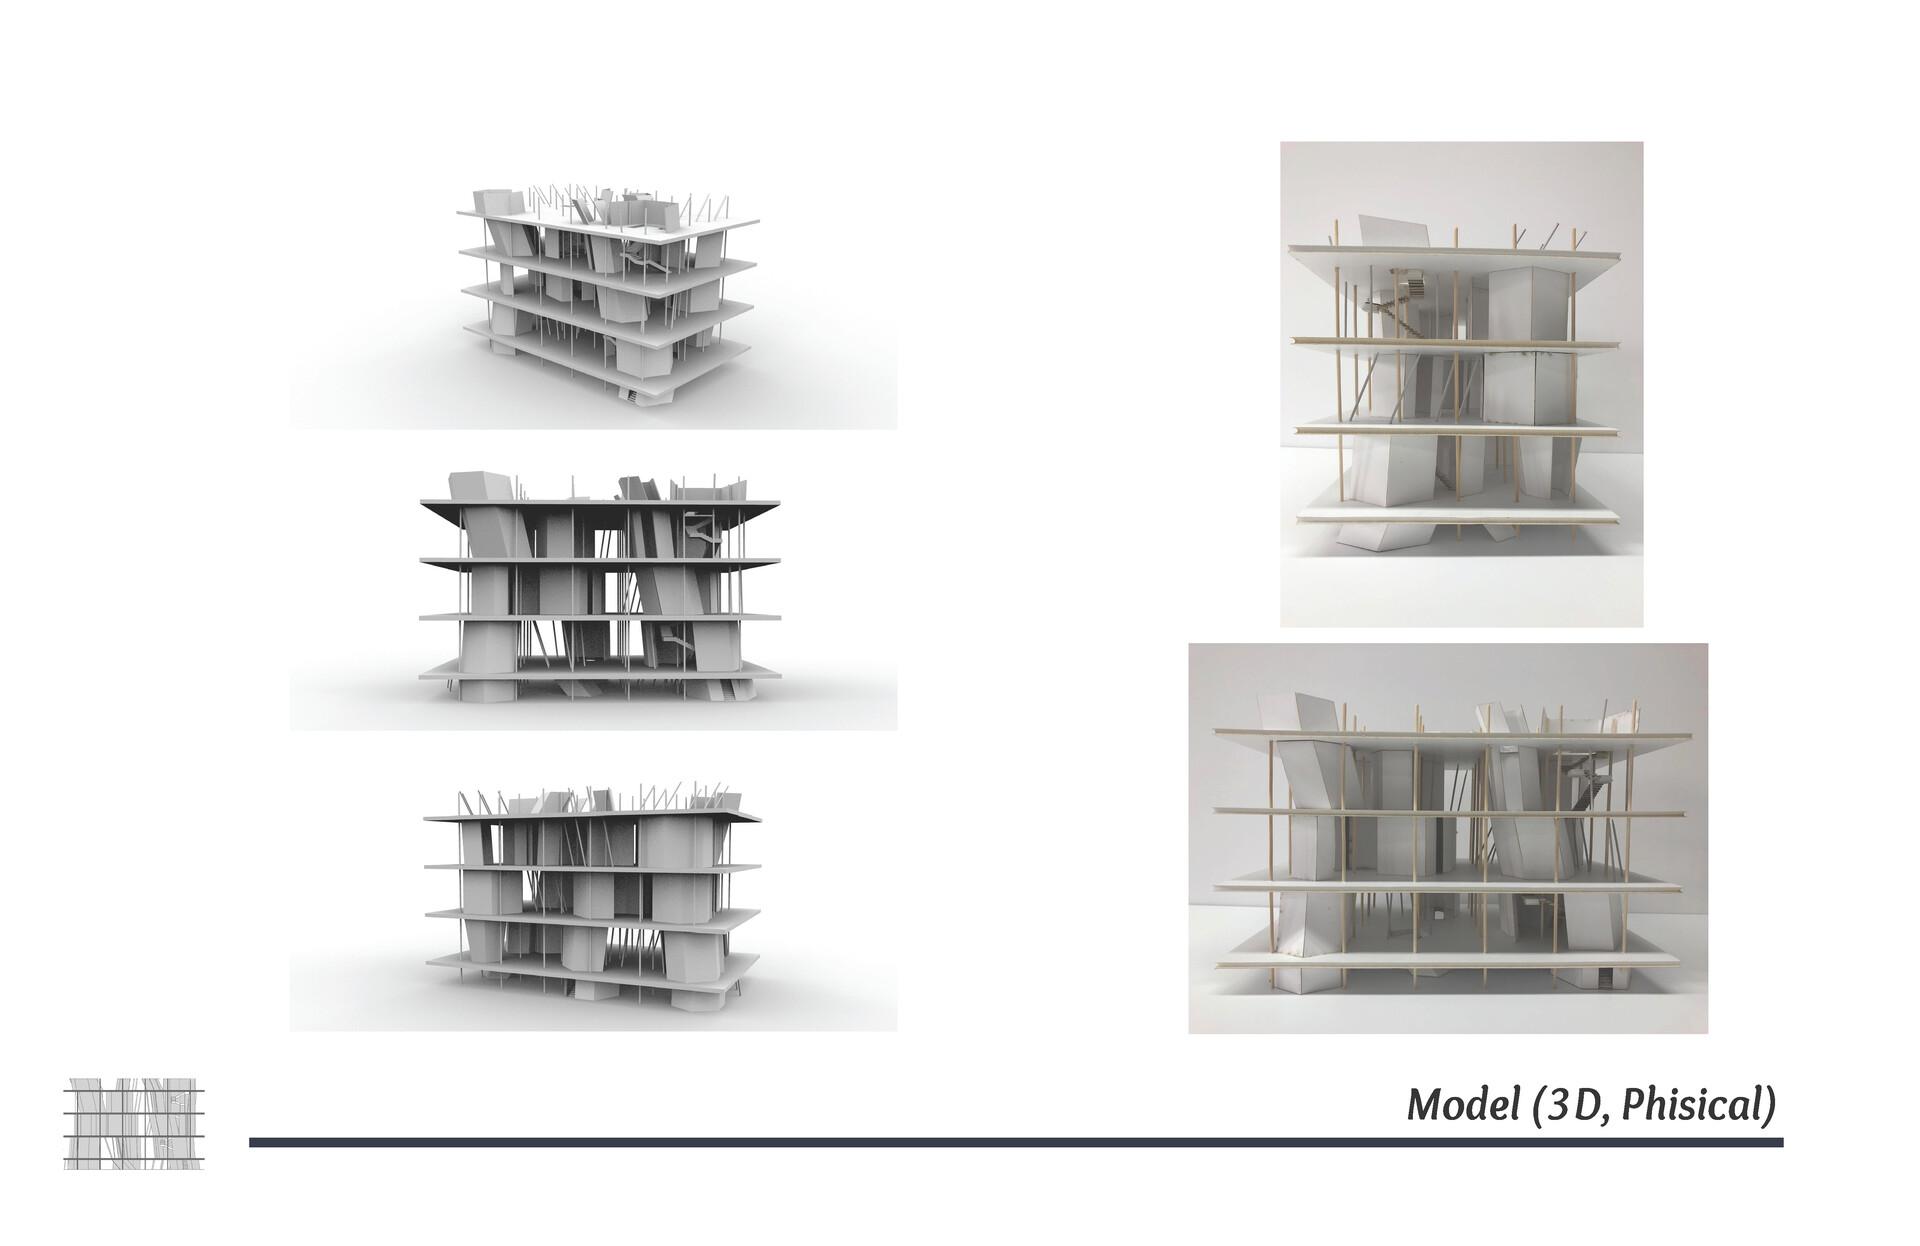 Model (3D, Phisical)